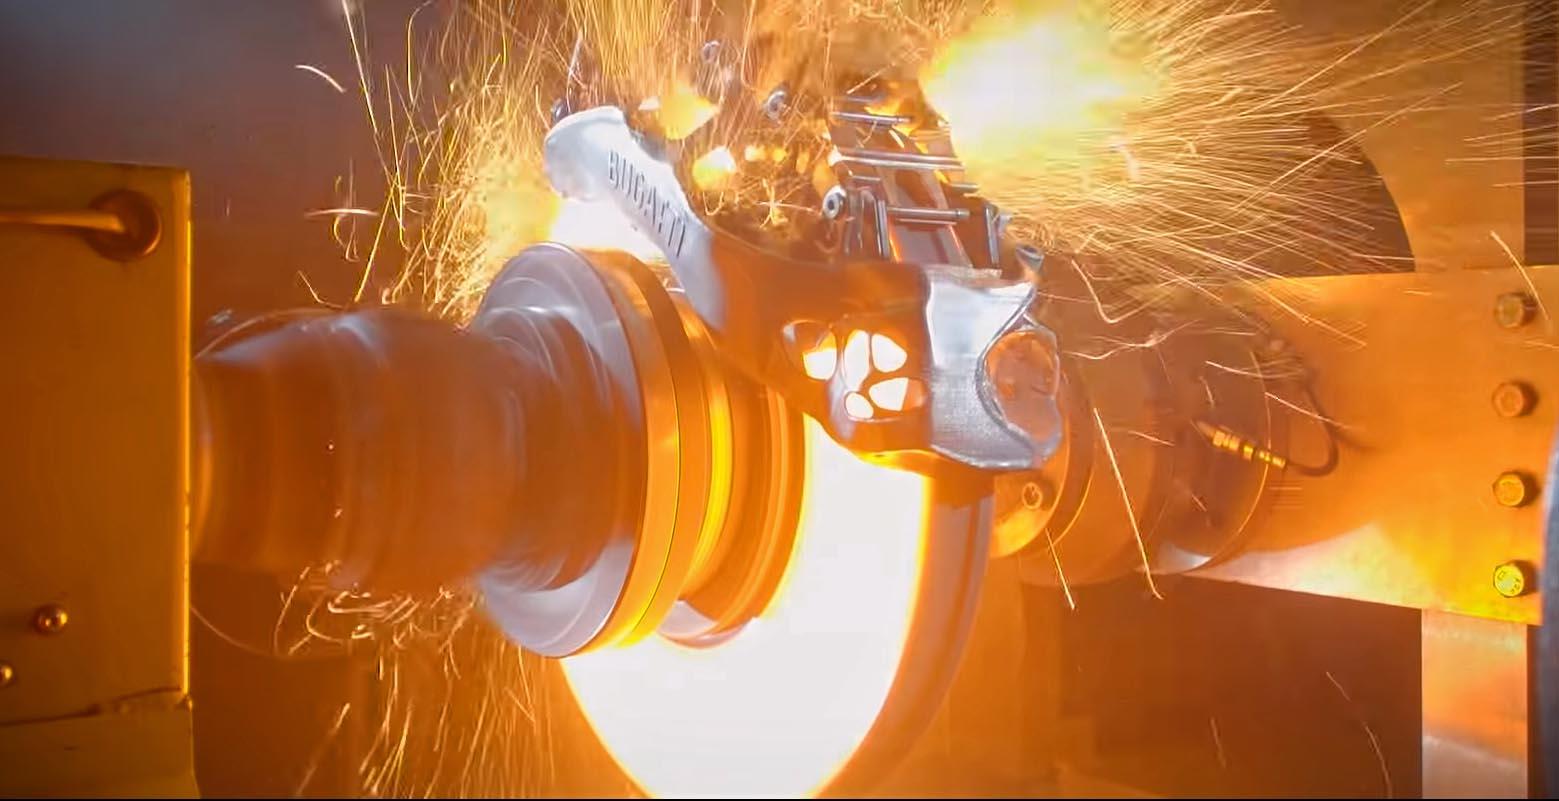 Photo of Bugatti: Τεστ κοπώσεως για σιαγόνα φρένων από τιτάνιο [vid]